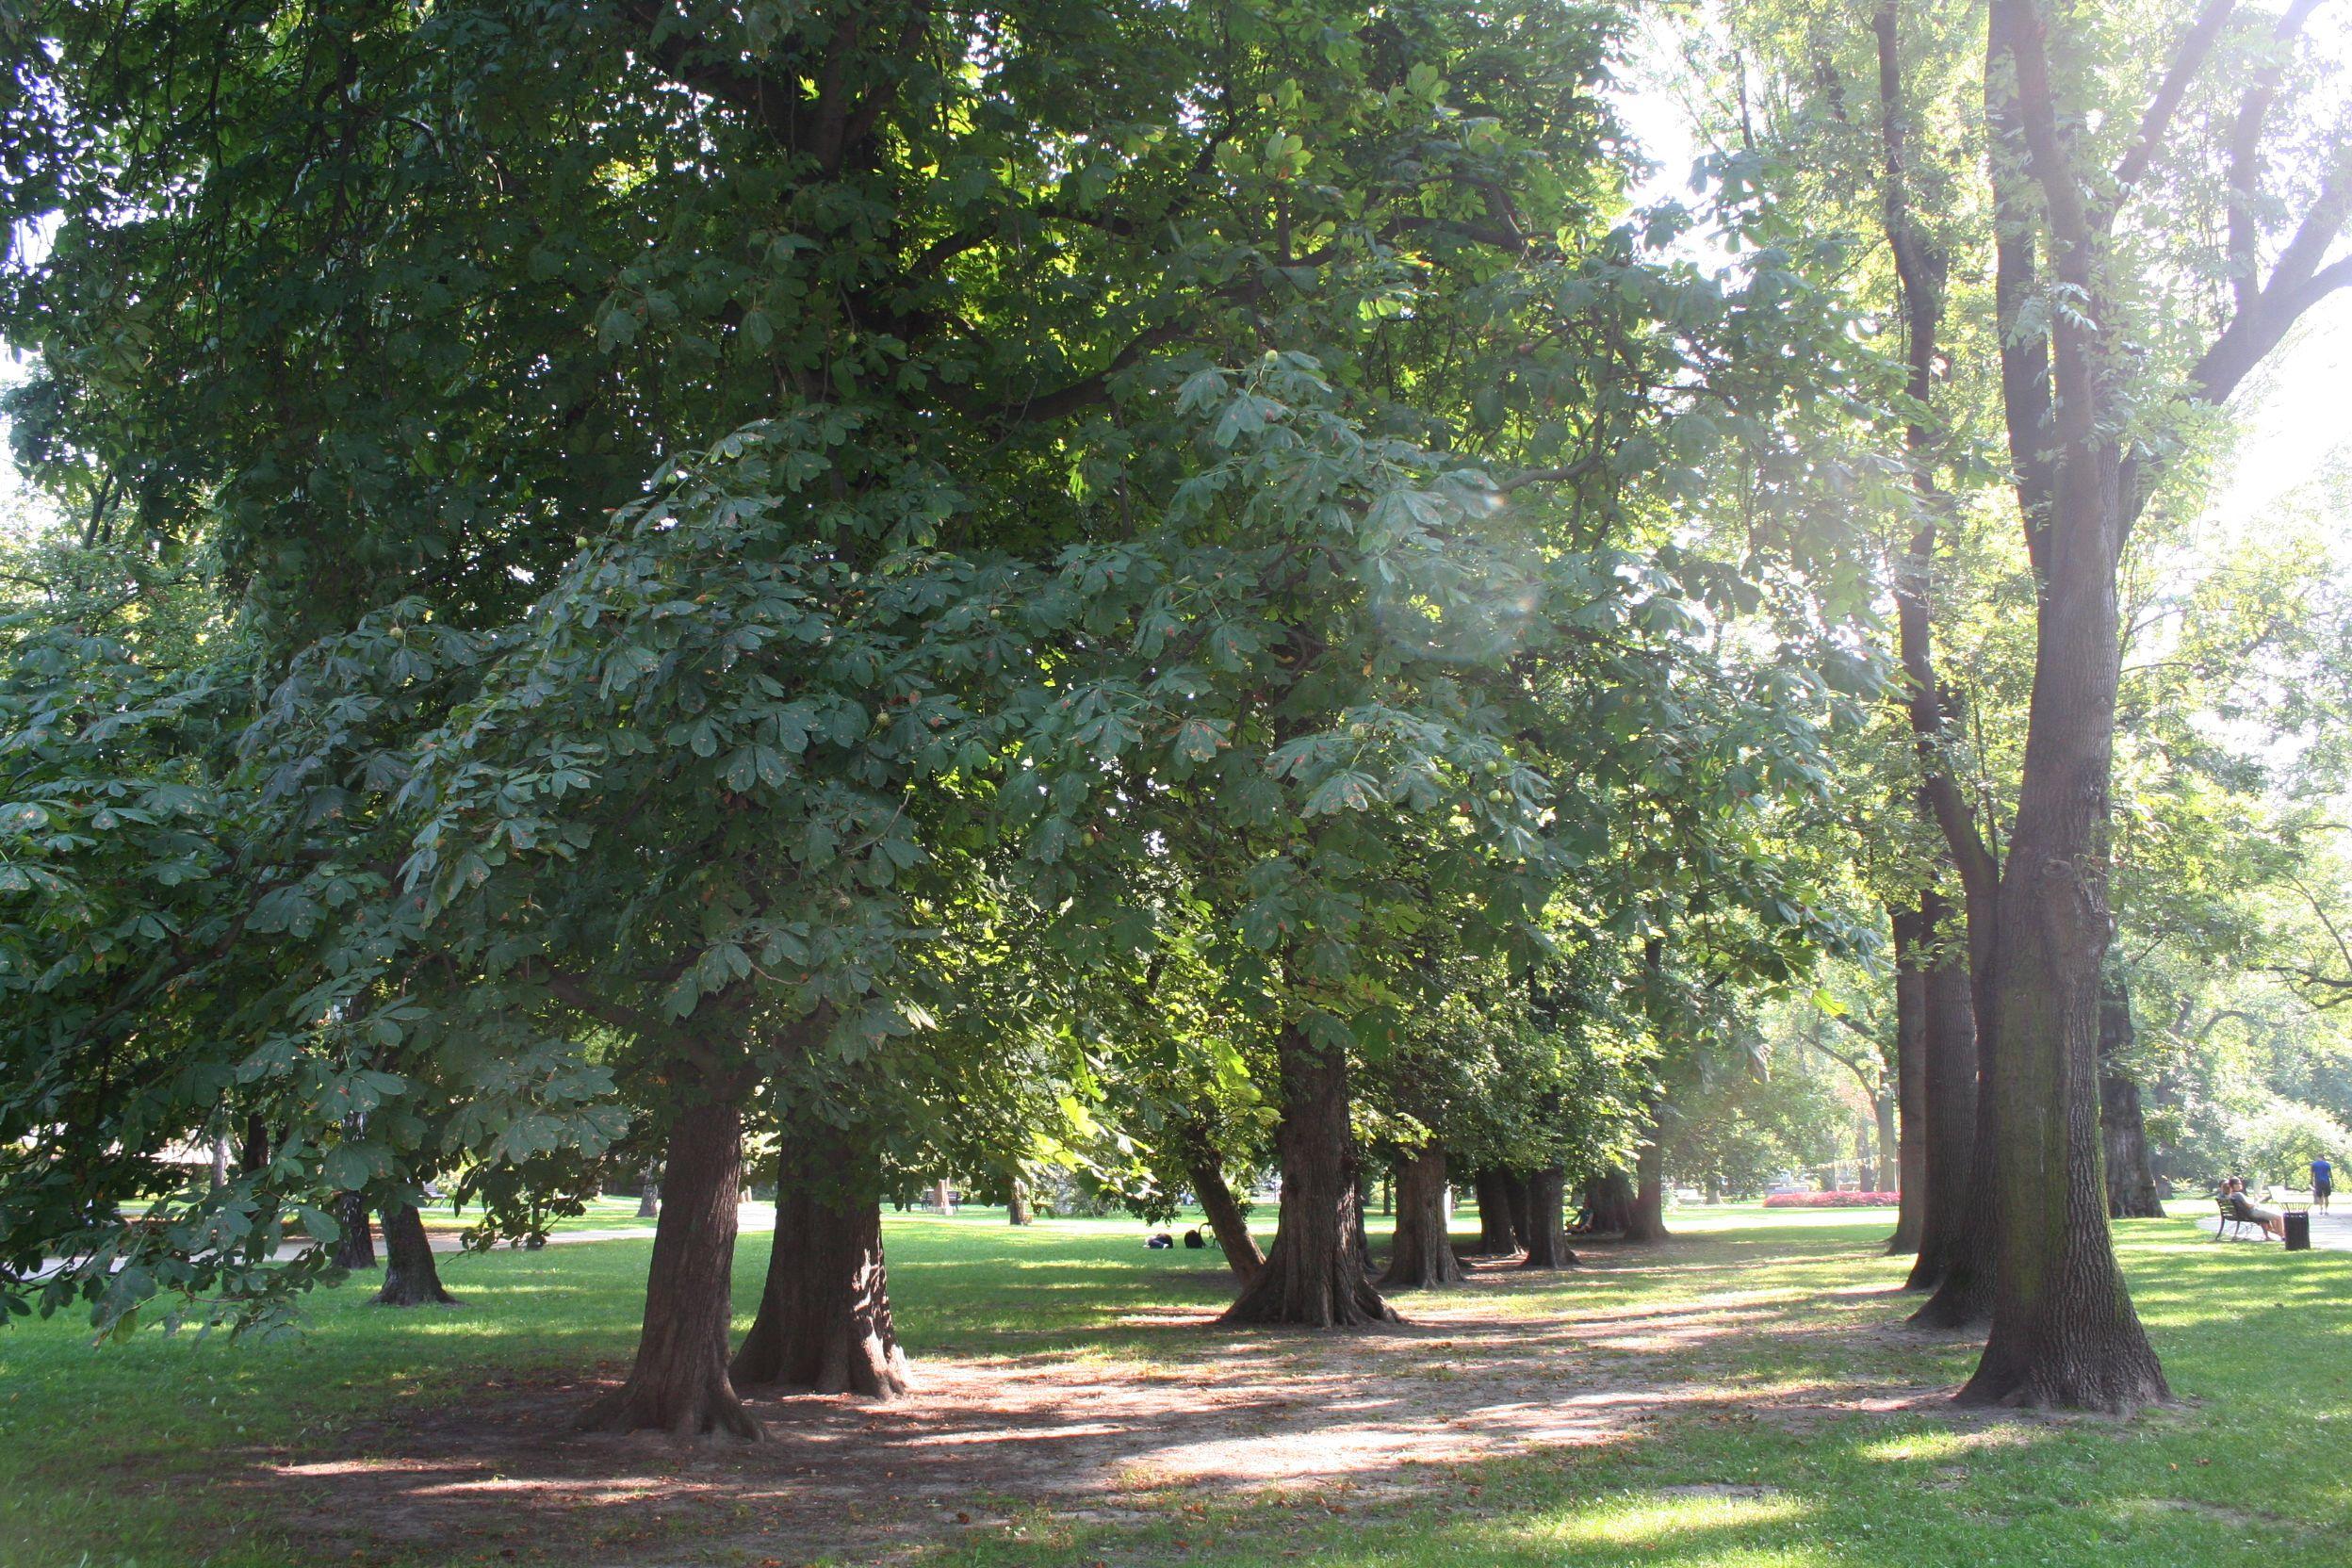 Trees in Park Krakowski, adjacent to Plac Inwalidów